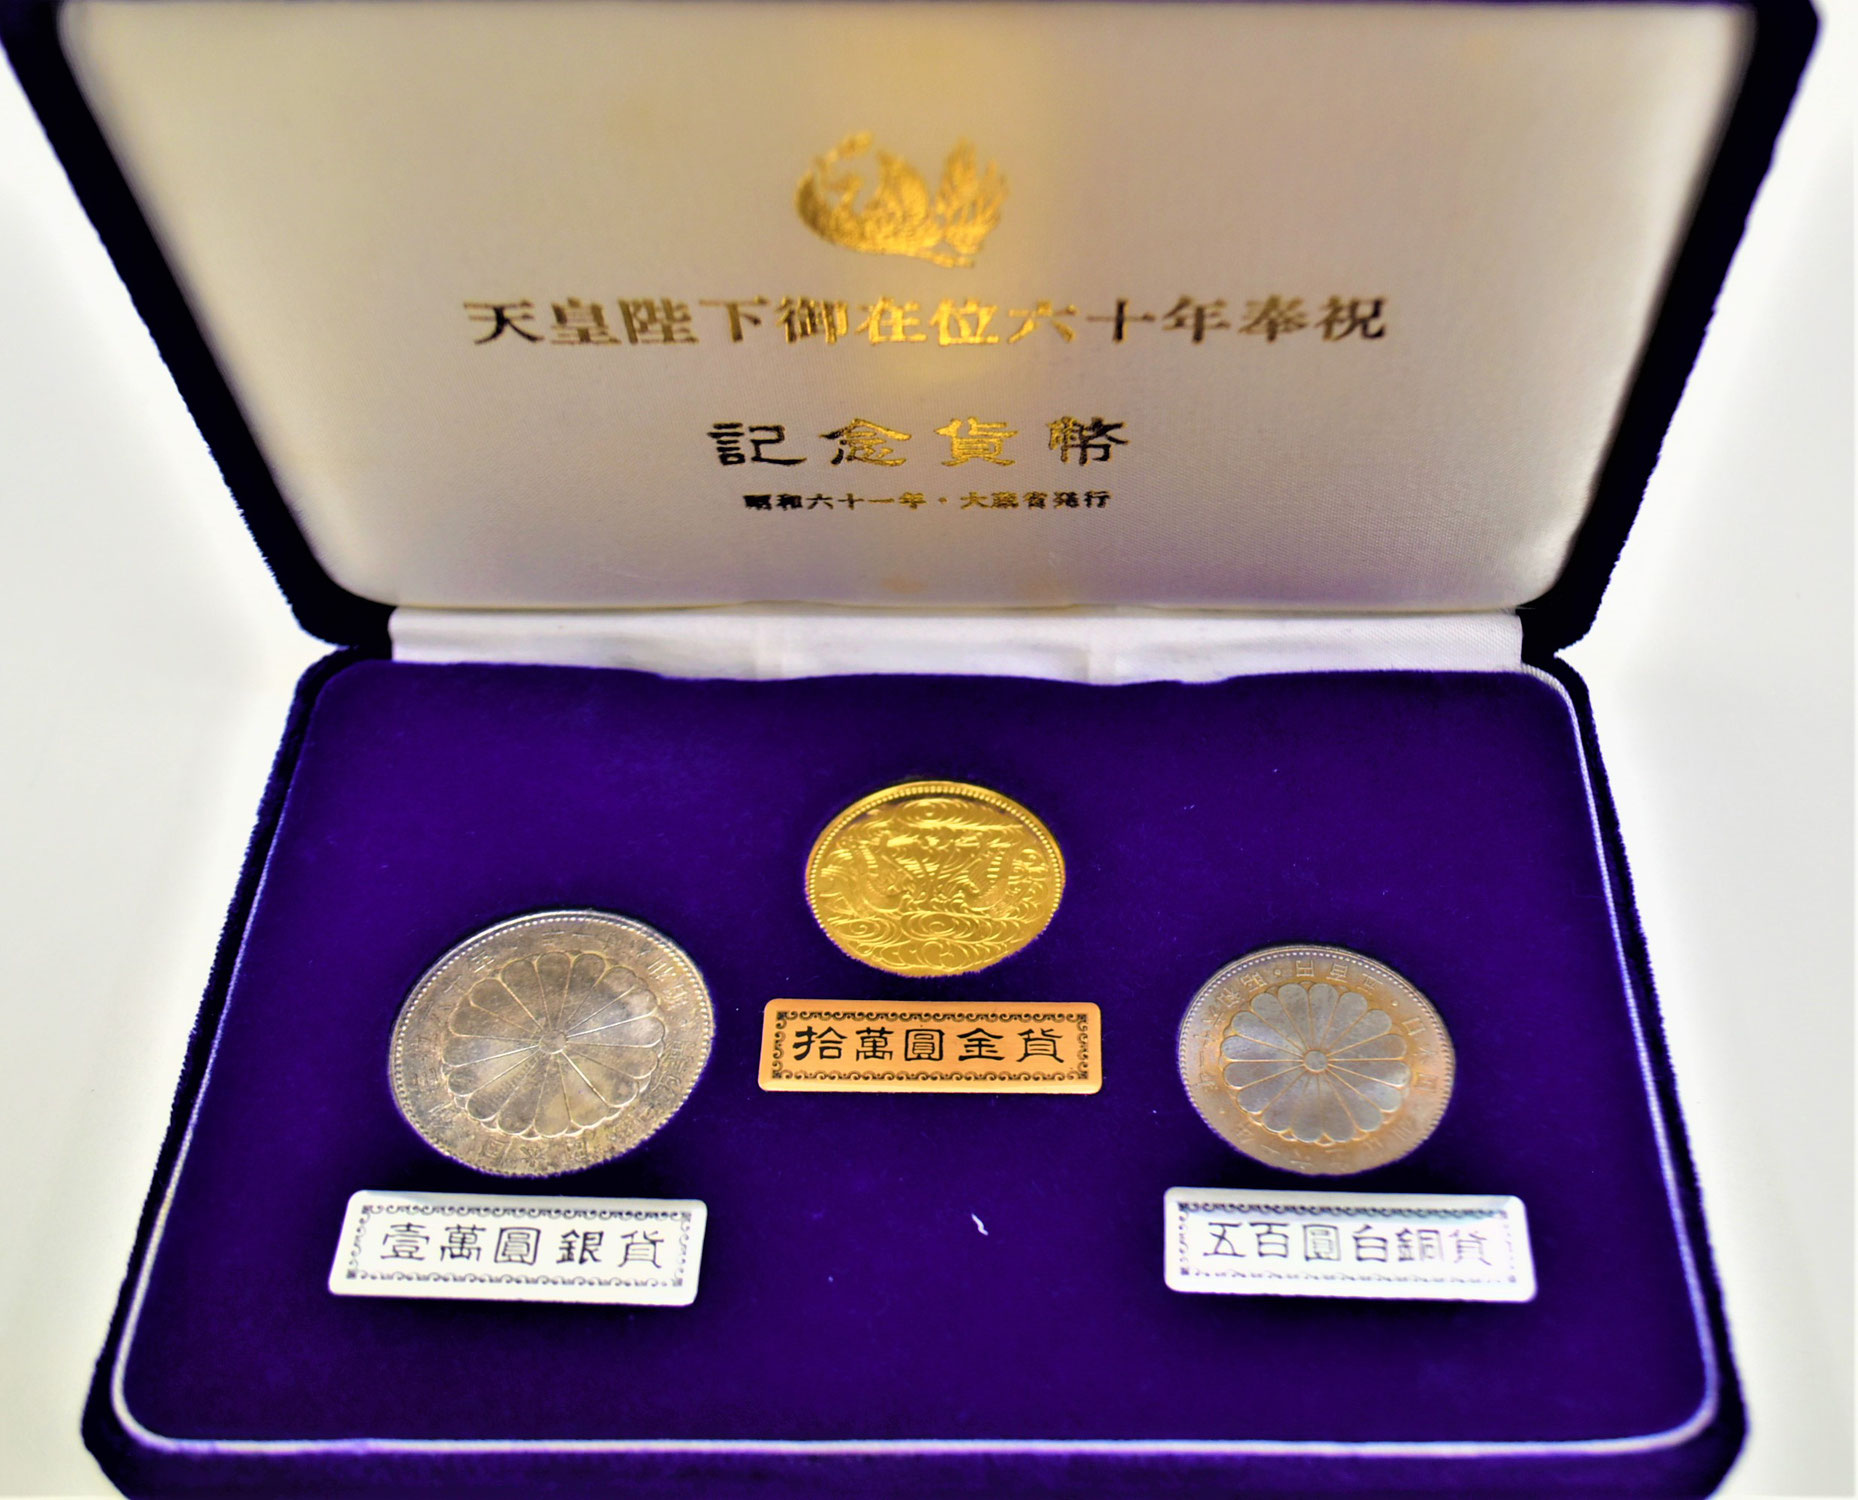 巡寶堂イオン伊勢原店 天皇陛下御在位六十年記念貨幣セット お買取りしました♪